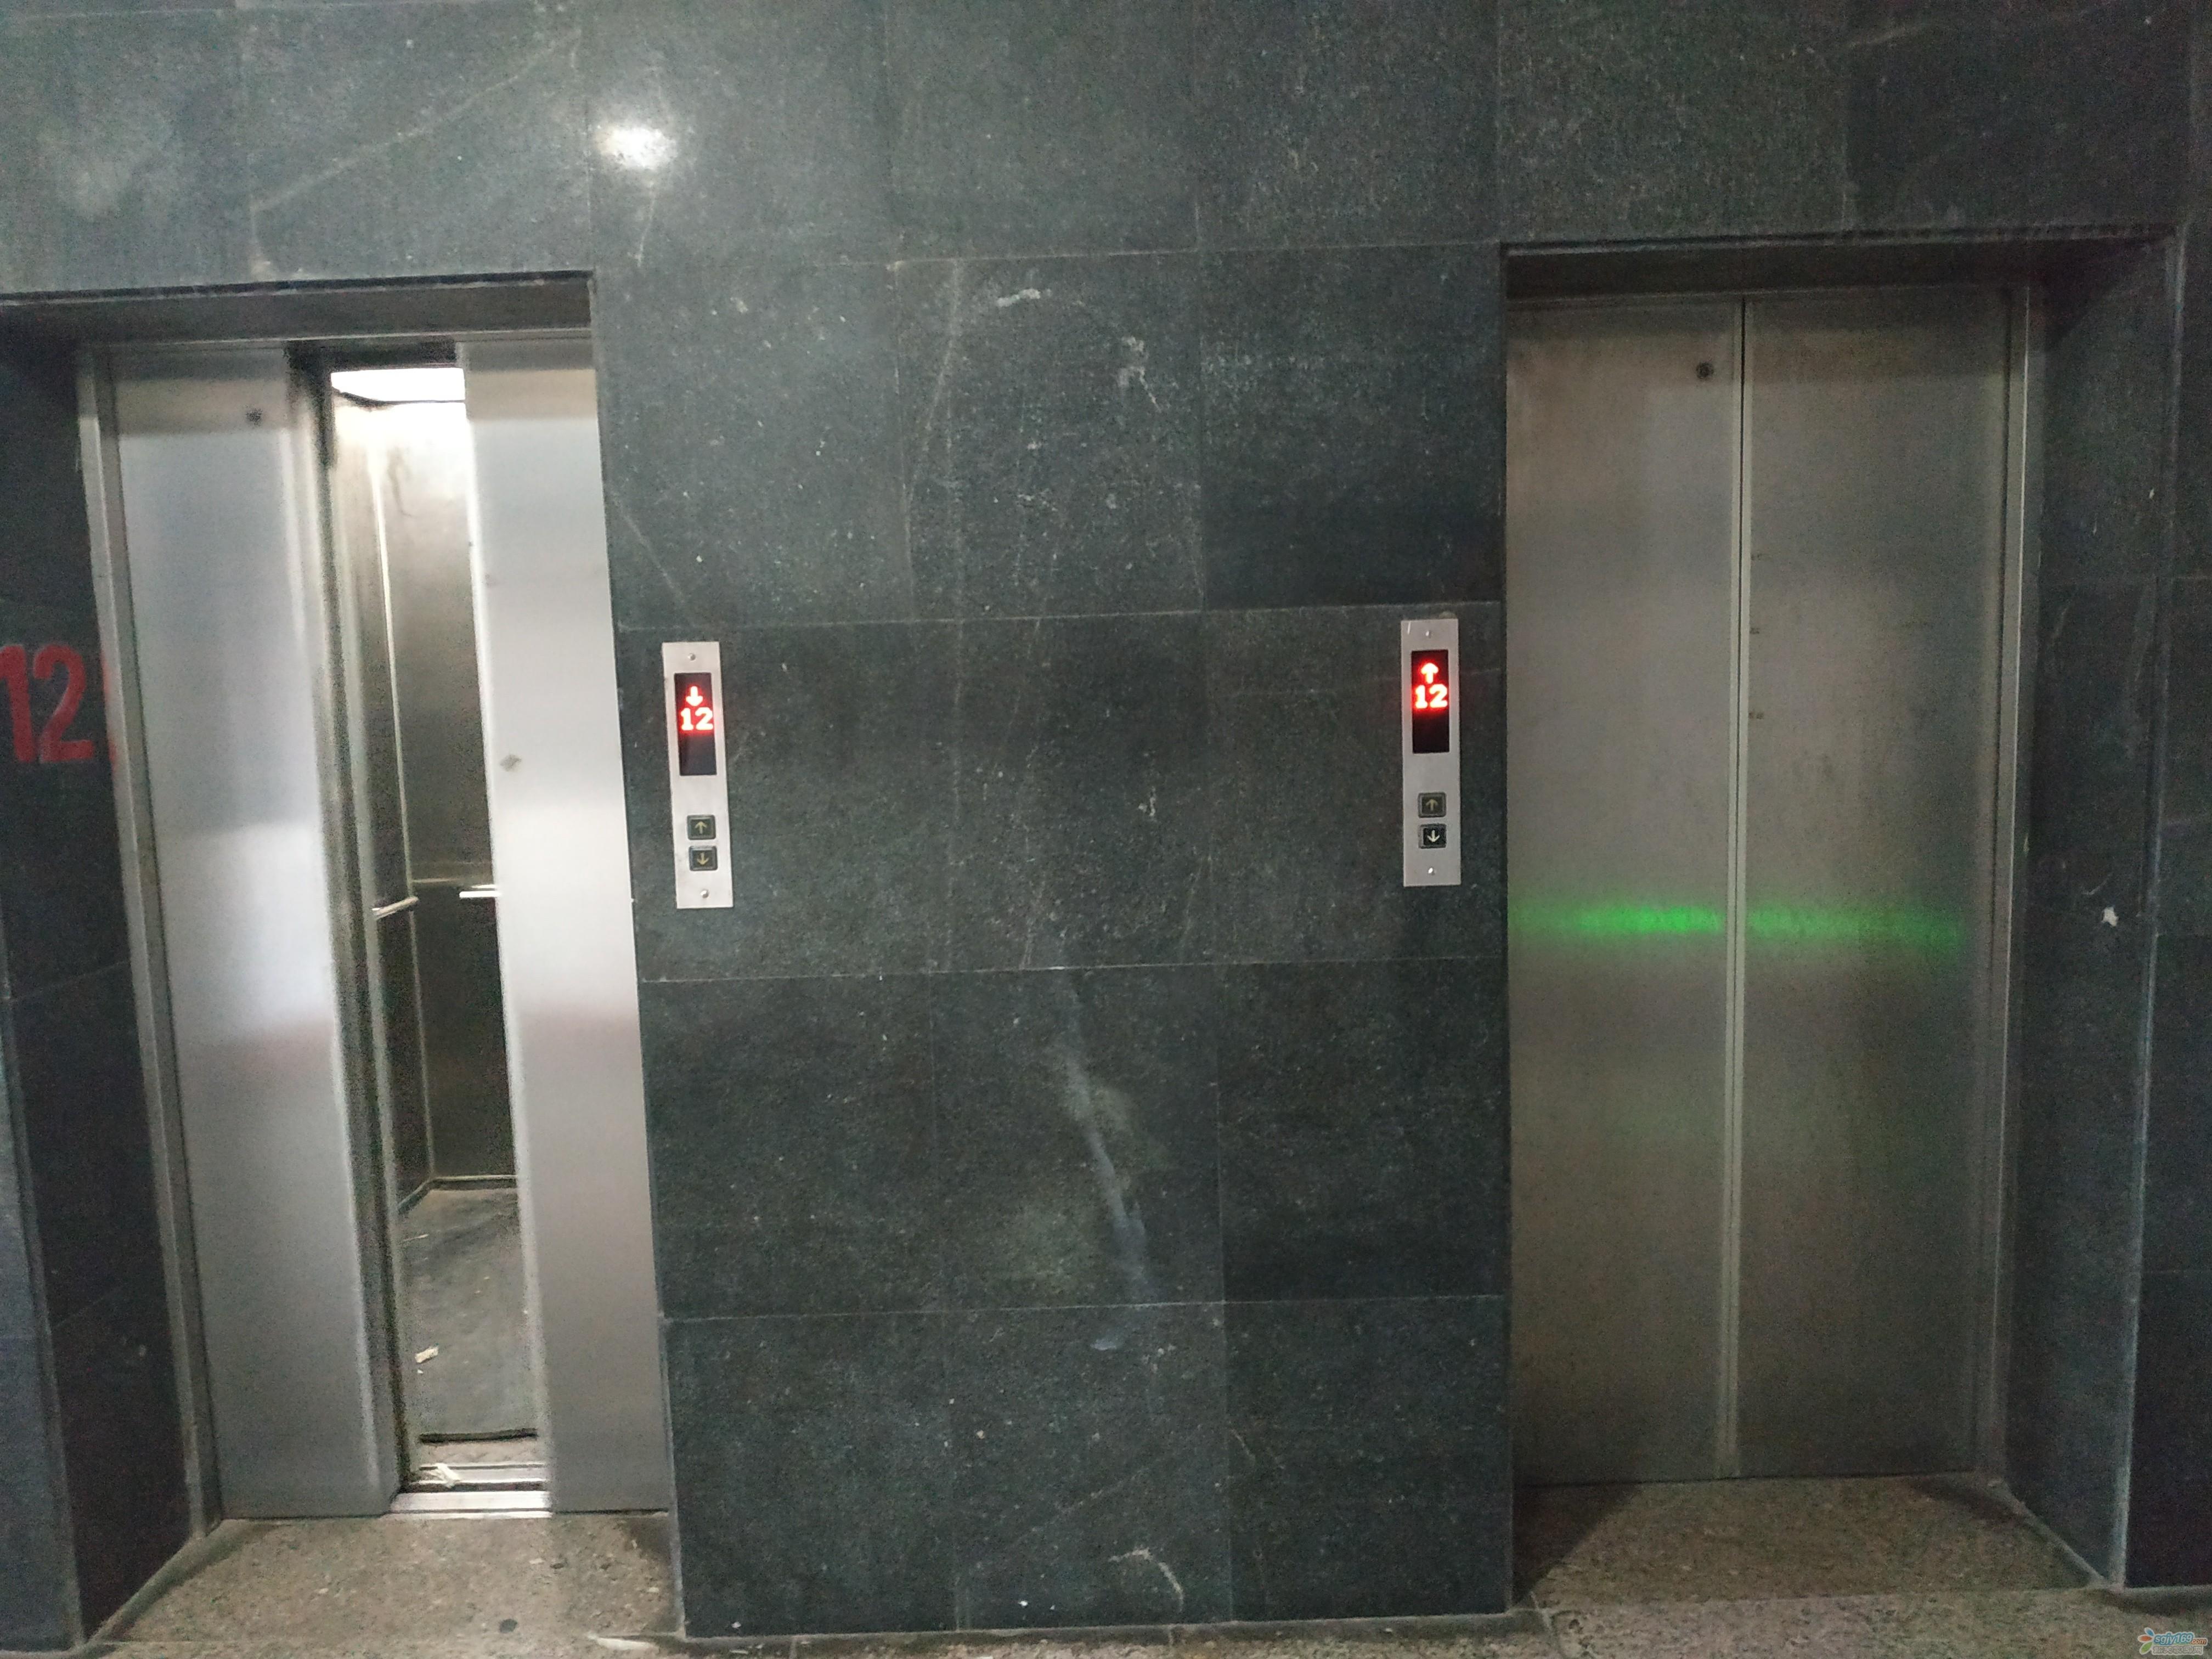 武镇街45号楼 双电梯12楼12/16三房一厅一卫售价53万